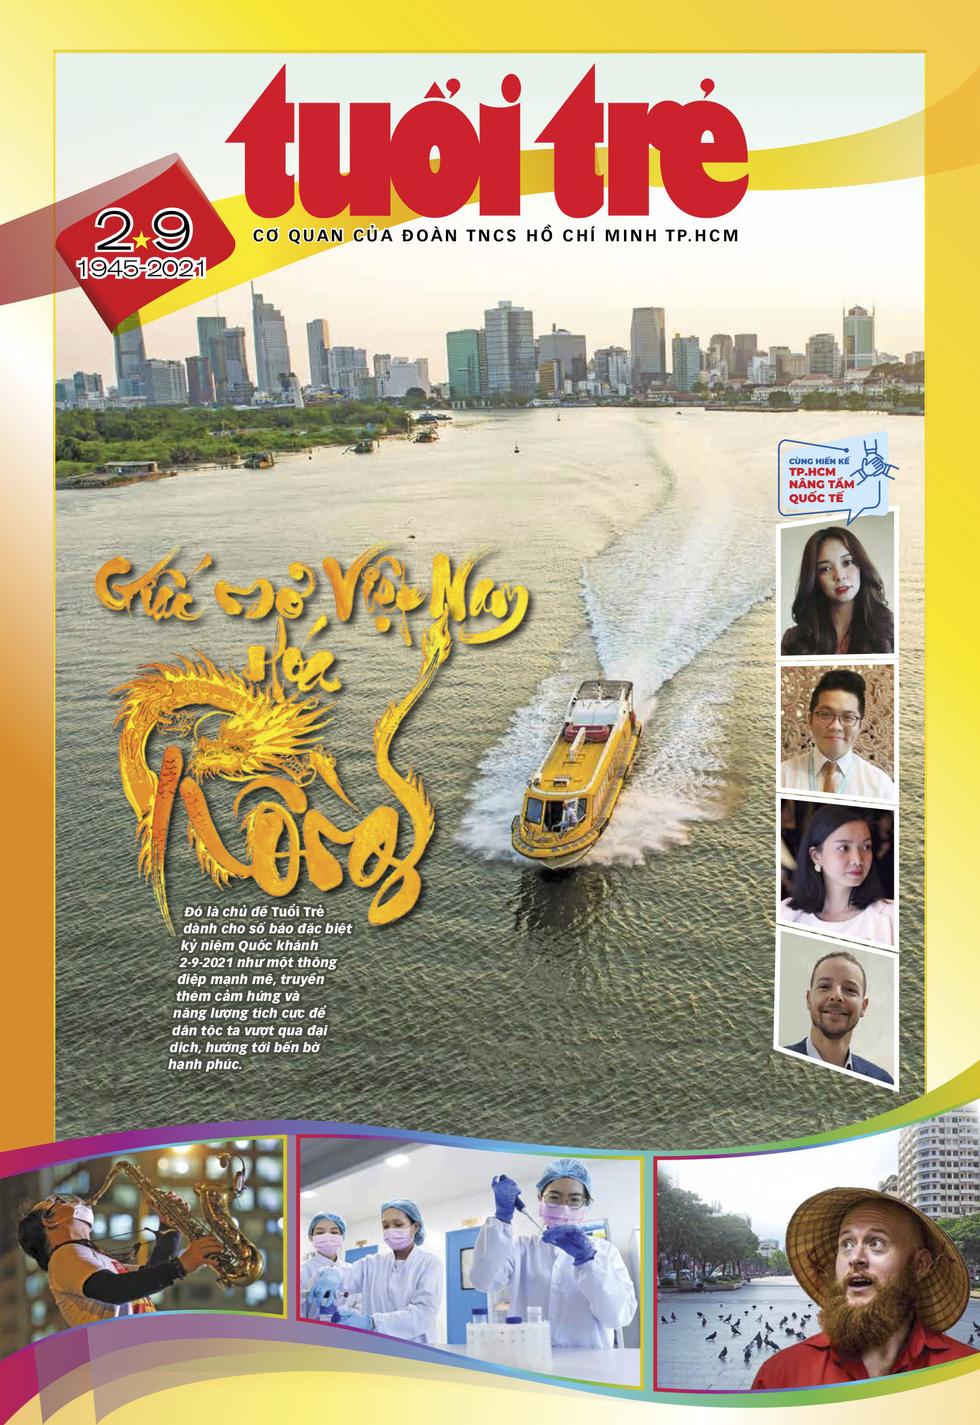 Mời bạn tìm đọc Tuổi Trẻ số đặc biệt 2-9 - Giấc mơ Việt Nam hóa rồng - Ảnh 1.